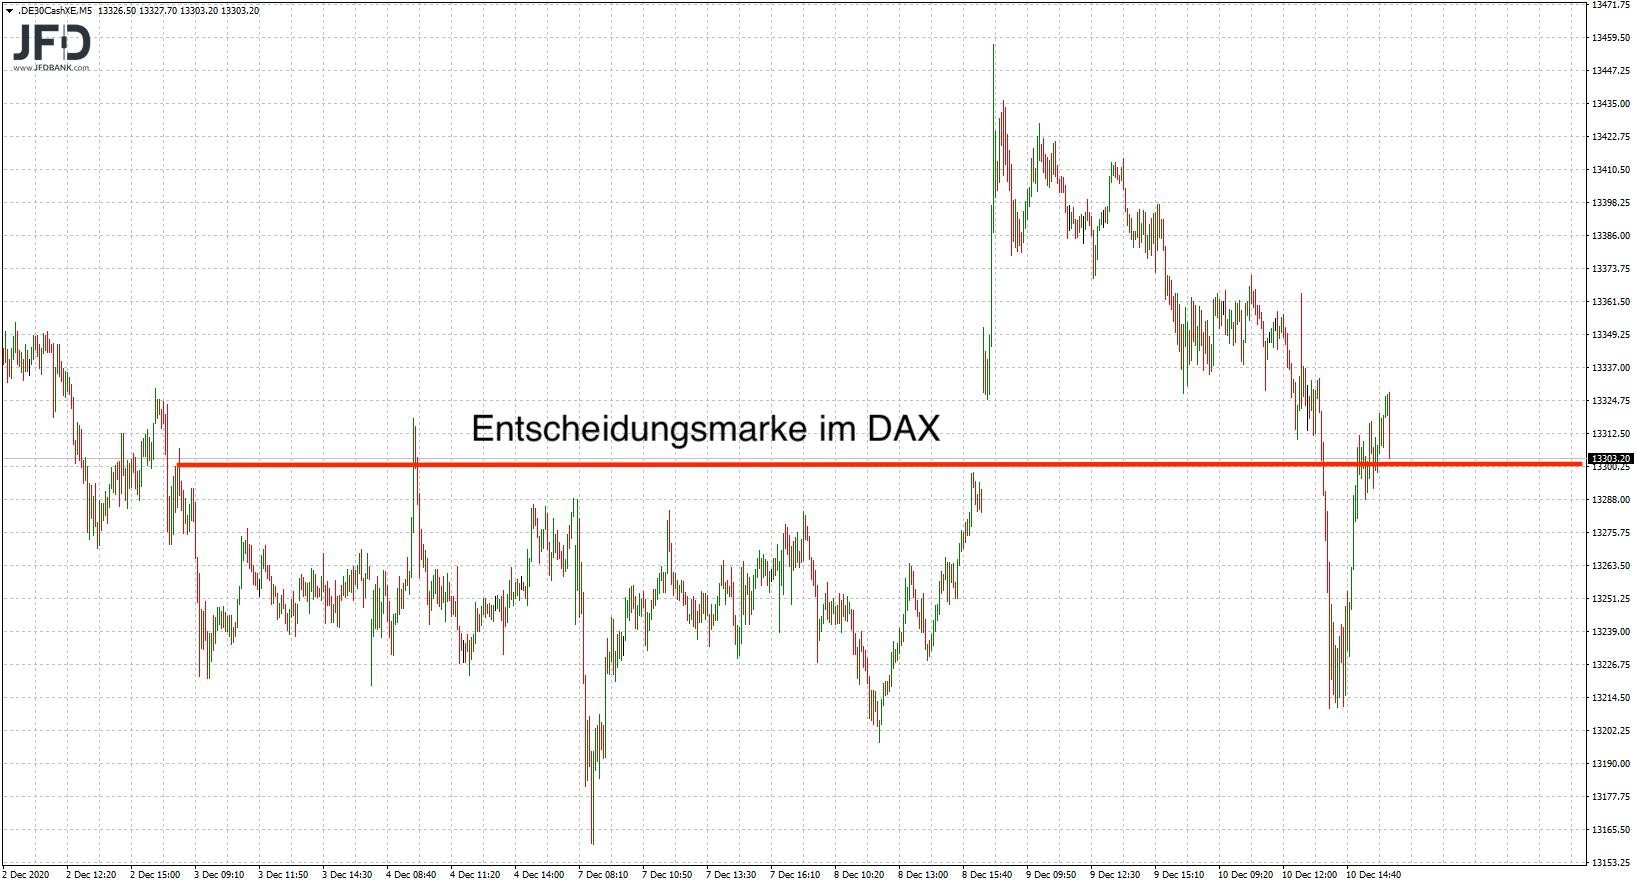 DAX 13.300 als Entscheidungsmarke